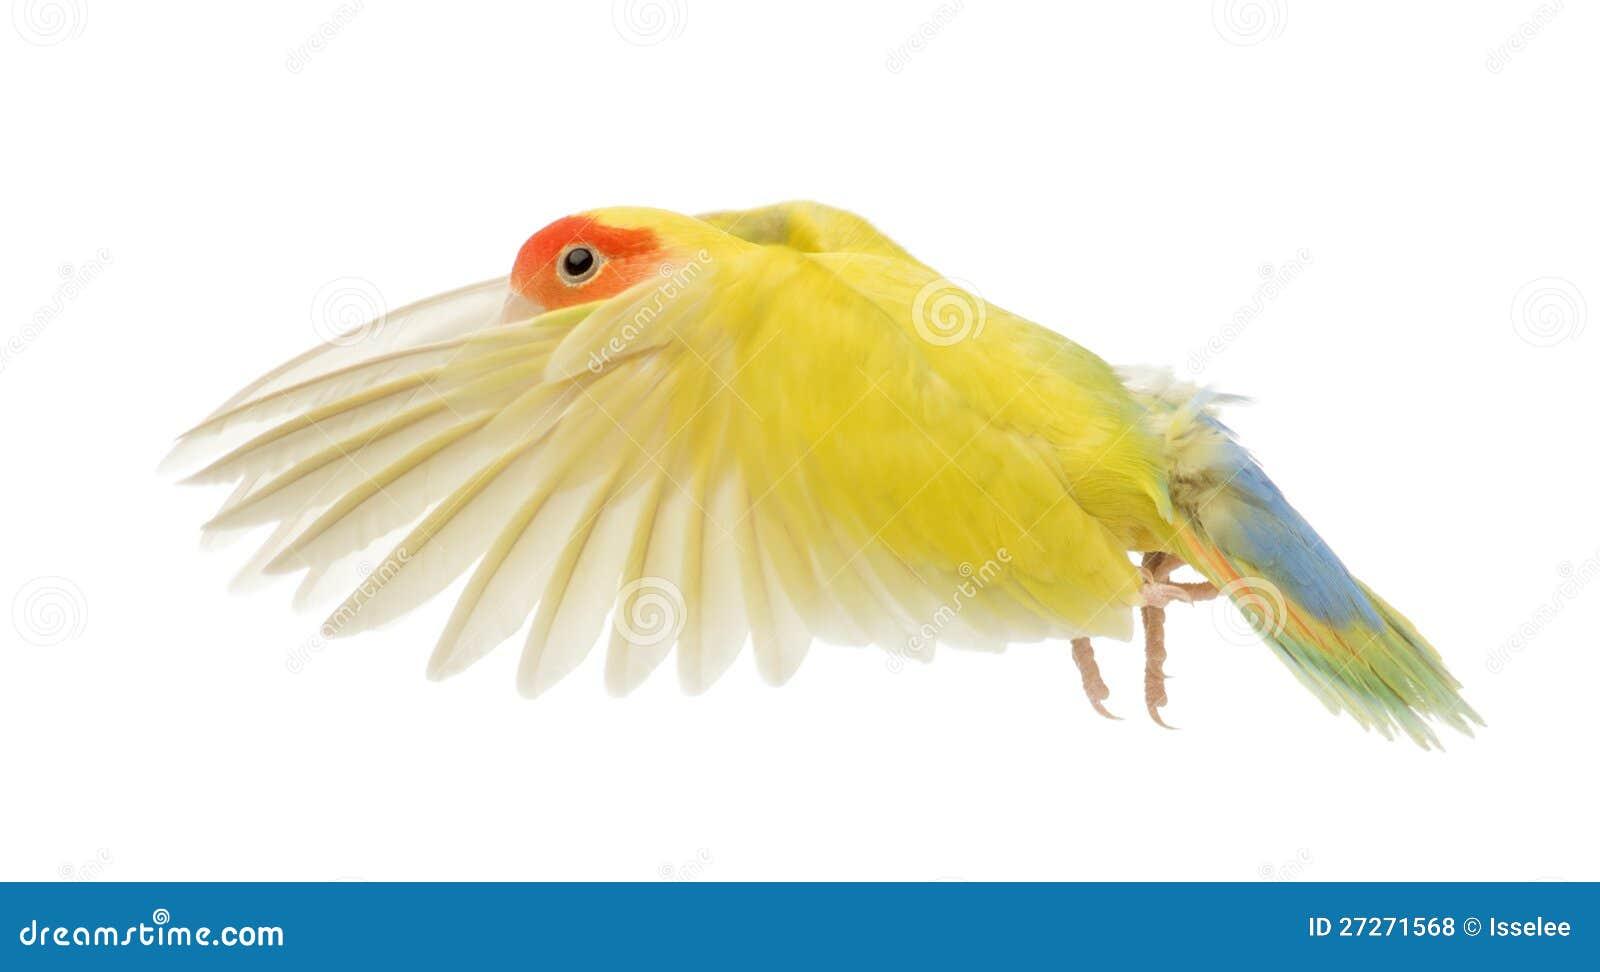 Hetonder ogen gezien vliegen van de Dwergpapegaai